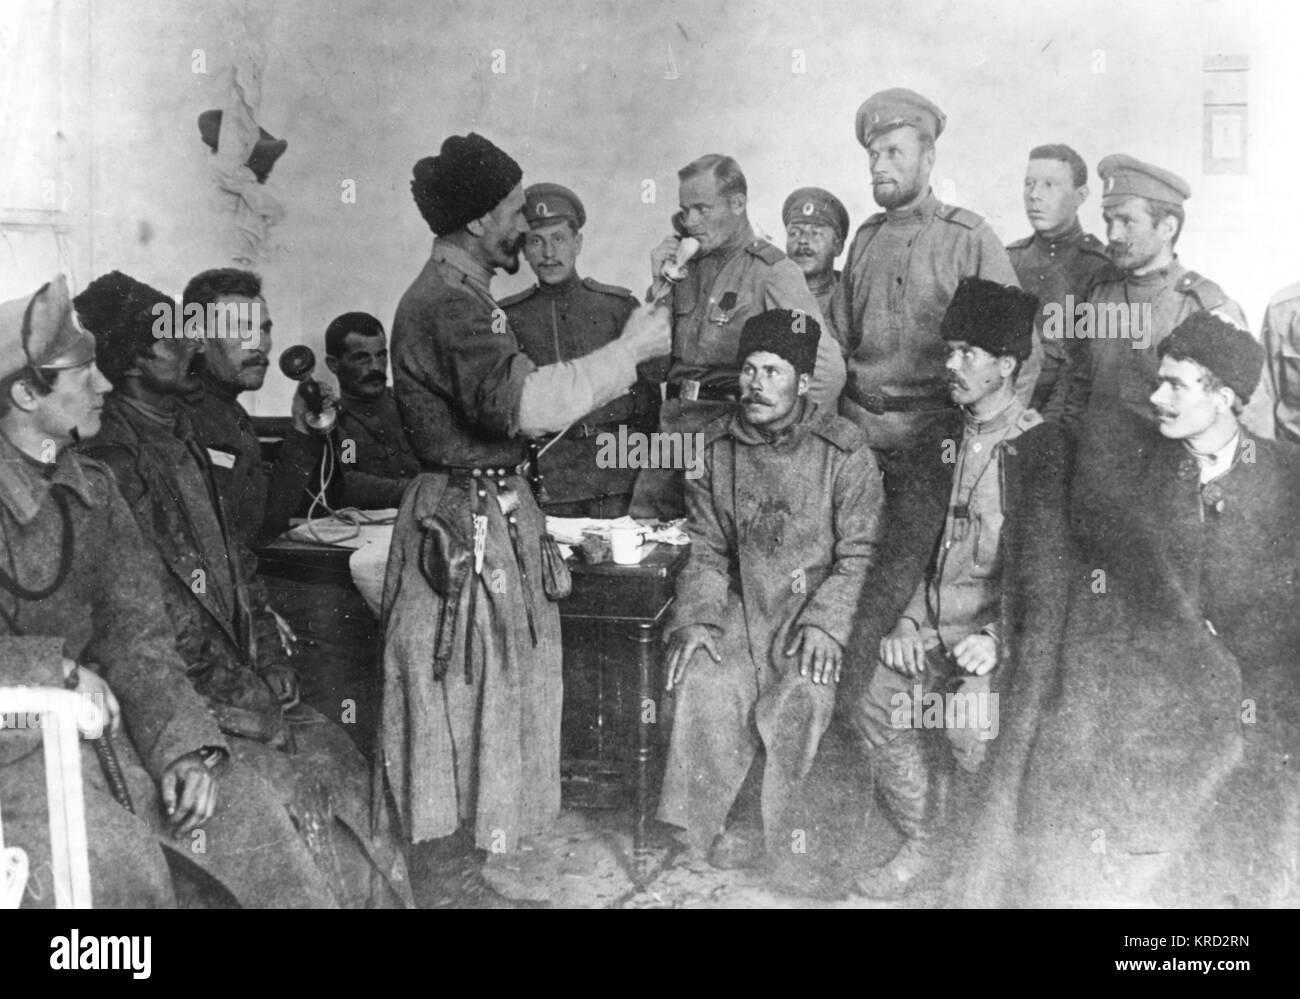 Una pequeña multitud de quince supuestamente revolucionario buscando hombres rusos en 1917. Fecha: 1917 Imagen De Stock